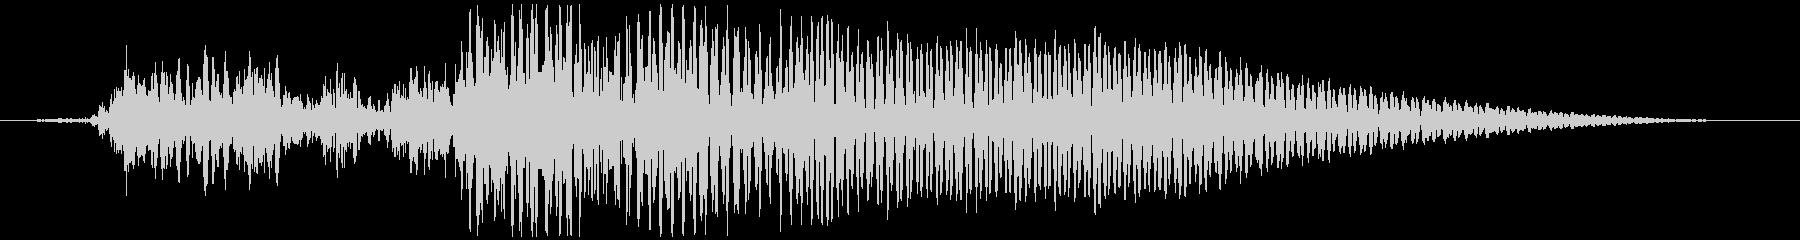 ドルルルブオーン(生録音)の未再生の波形